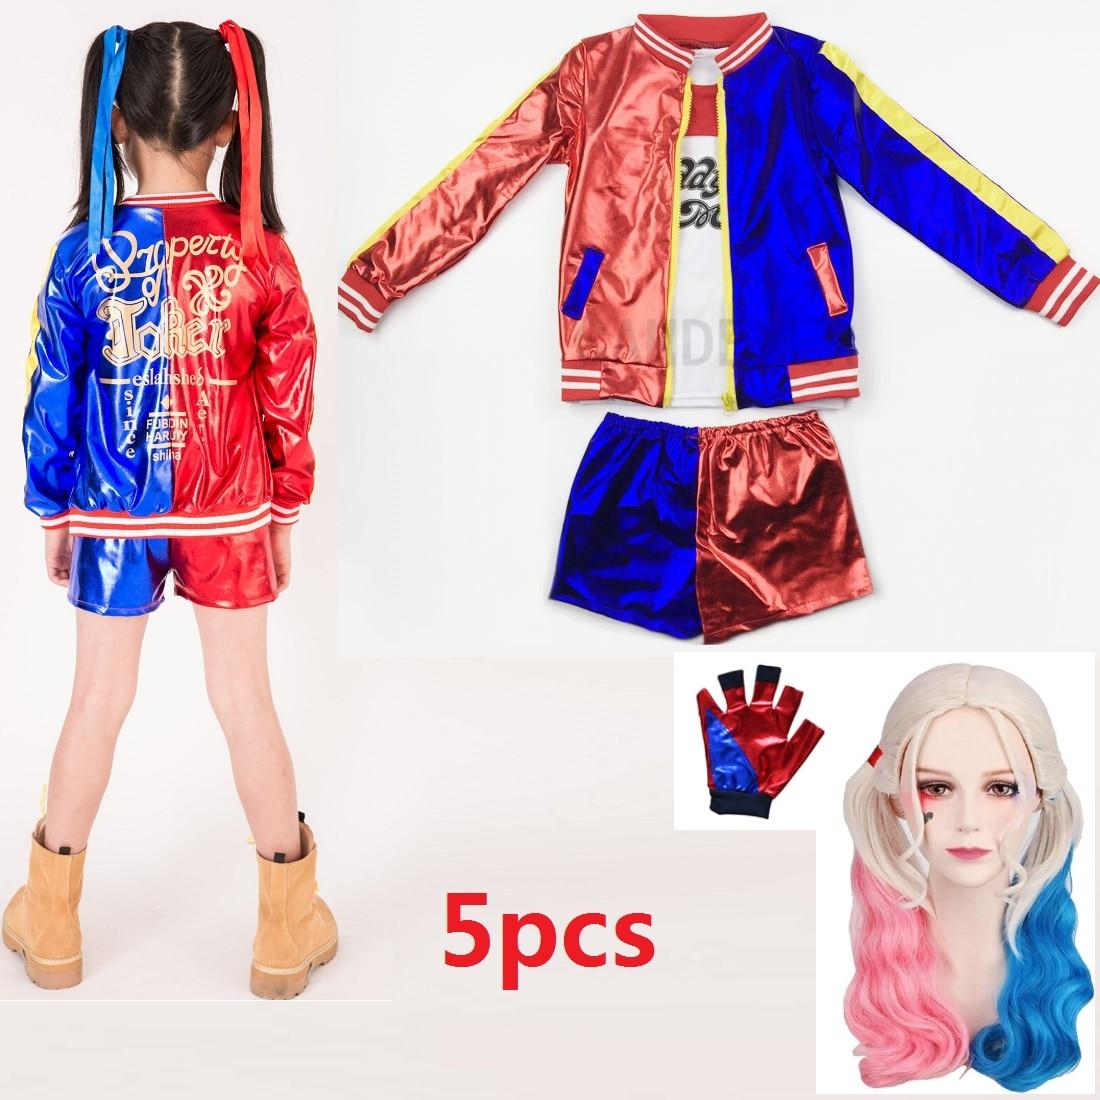 Детские костюмы для косплея отряд самоубийц Харли Квинн костюмы для девочек Пурим пальто куртка Бэтмен костюм для женщин